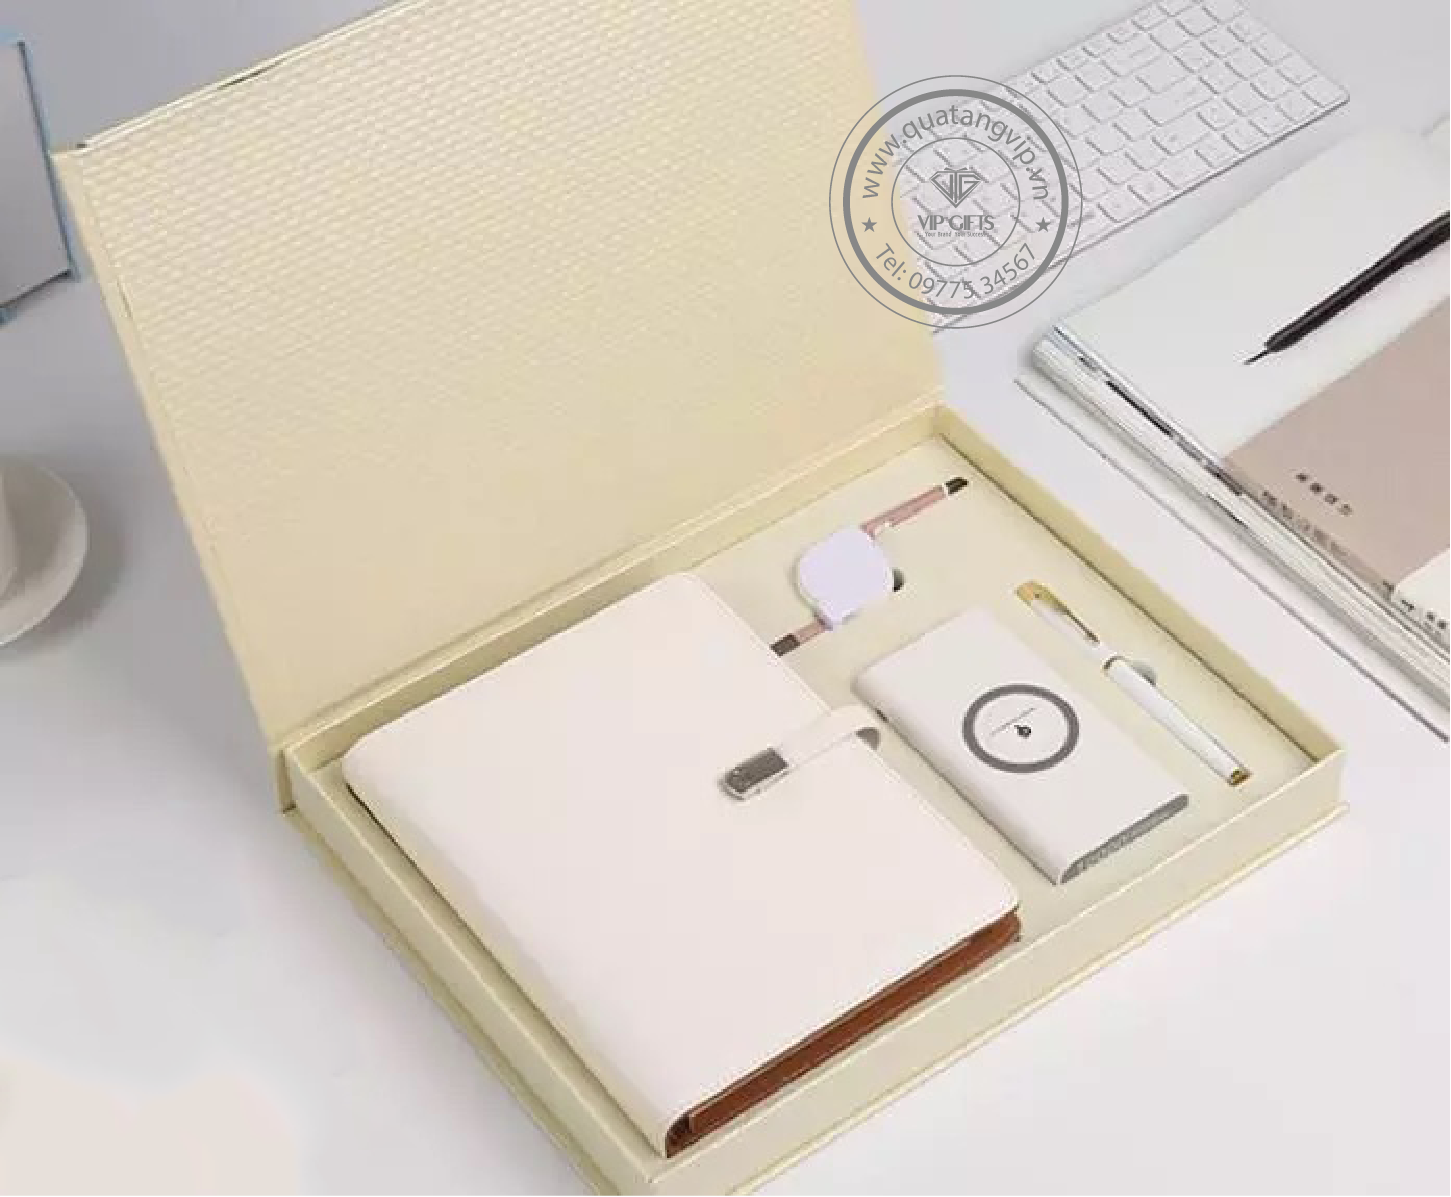 Bộ gift set quà tặng vip Sổ da bút và bình giữ nhiệt